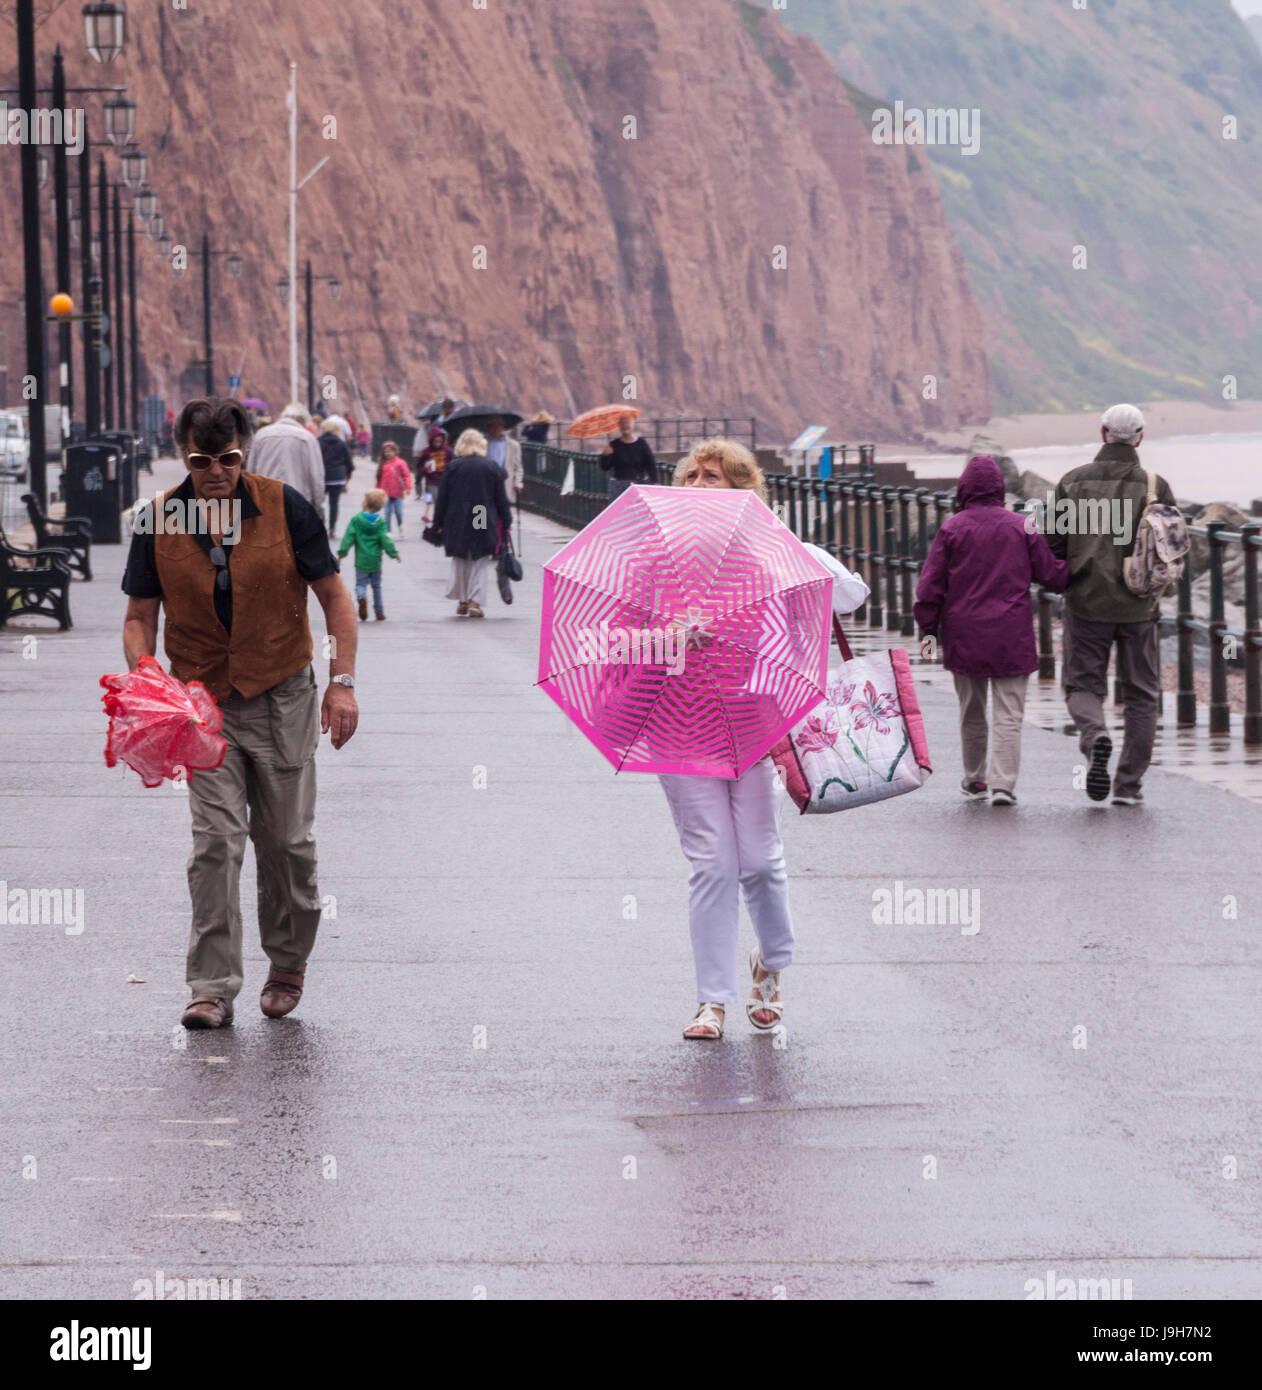 sidmouth-devon-2nd-june-17-umbrellas-to-